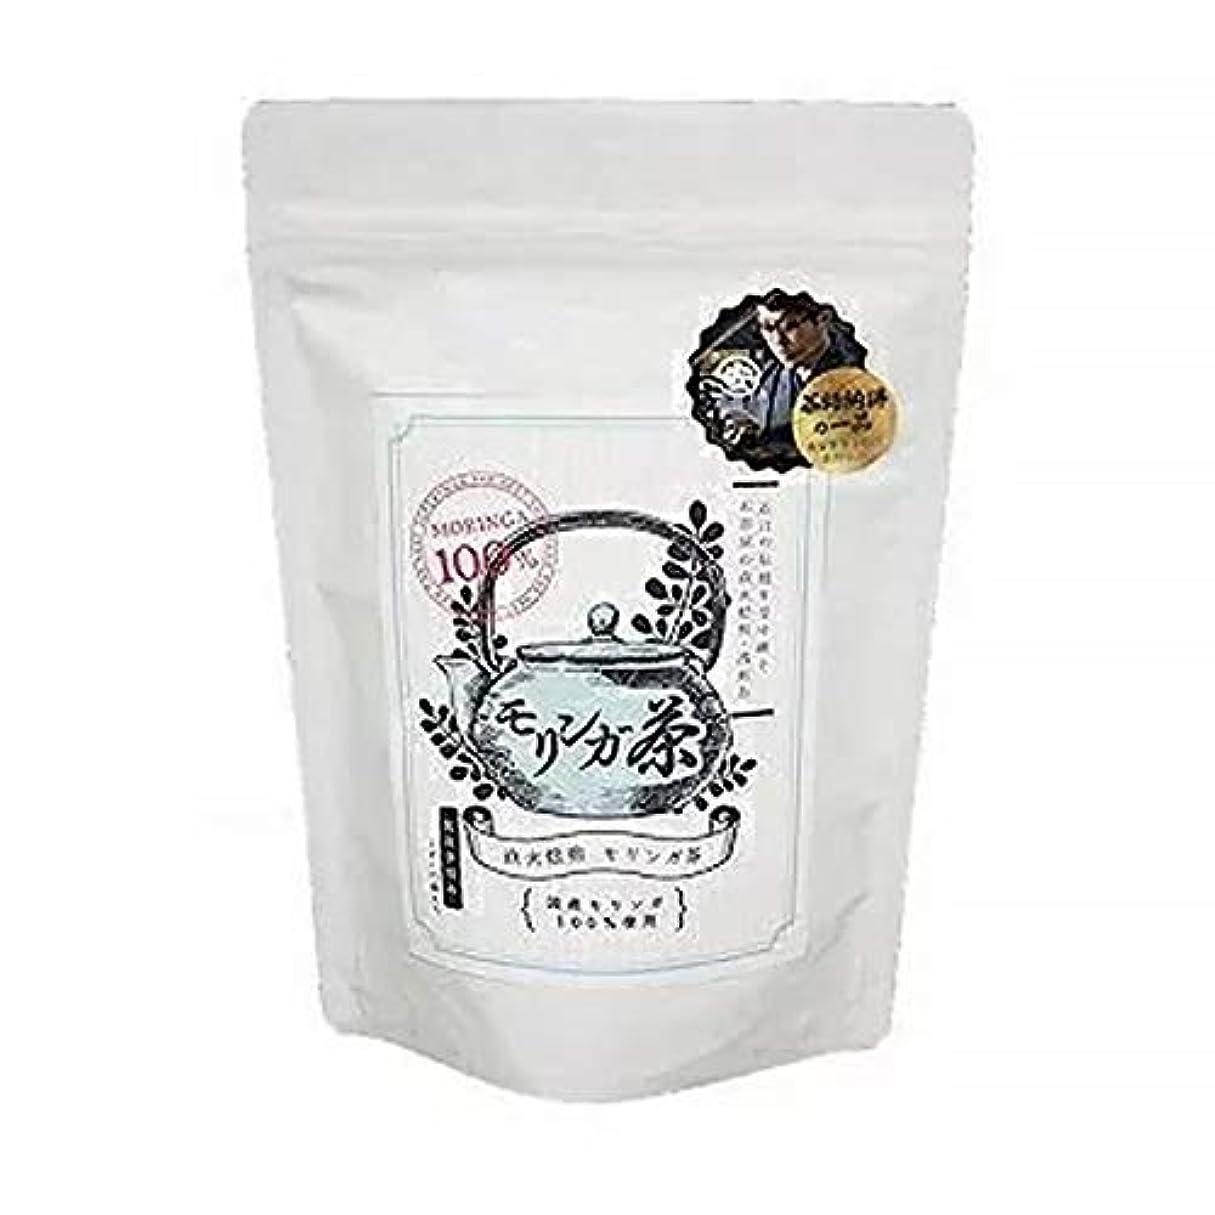 私たちキャンペーンデジタル【日本製】直火焙煎 モリンガ茶 MRG003 30袋入国産 モリンガ使用 直火焙煎 水出しOK ティーパッグタイプ 美容 健康 お茶 ビューティーワールド